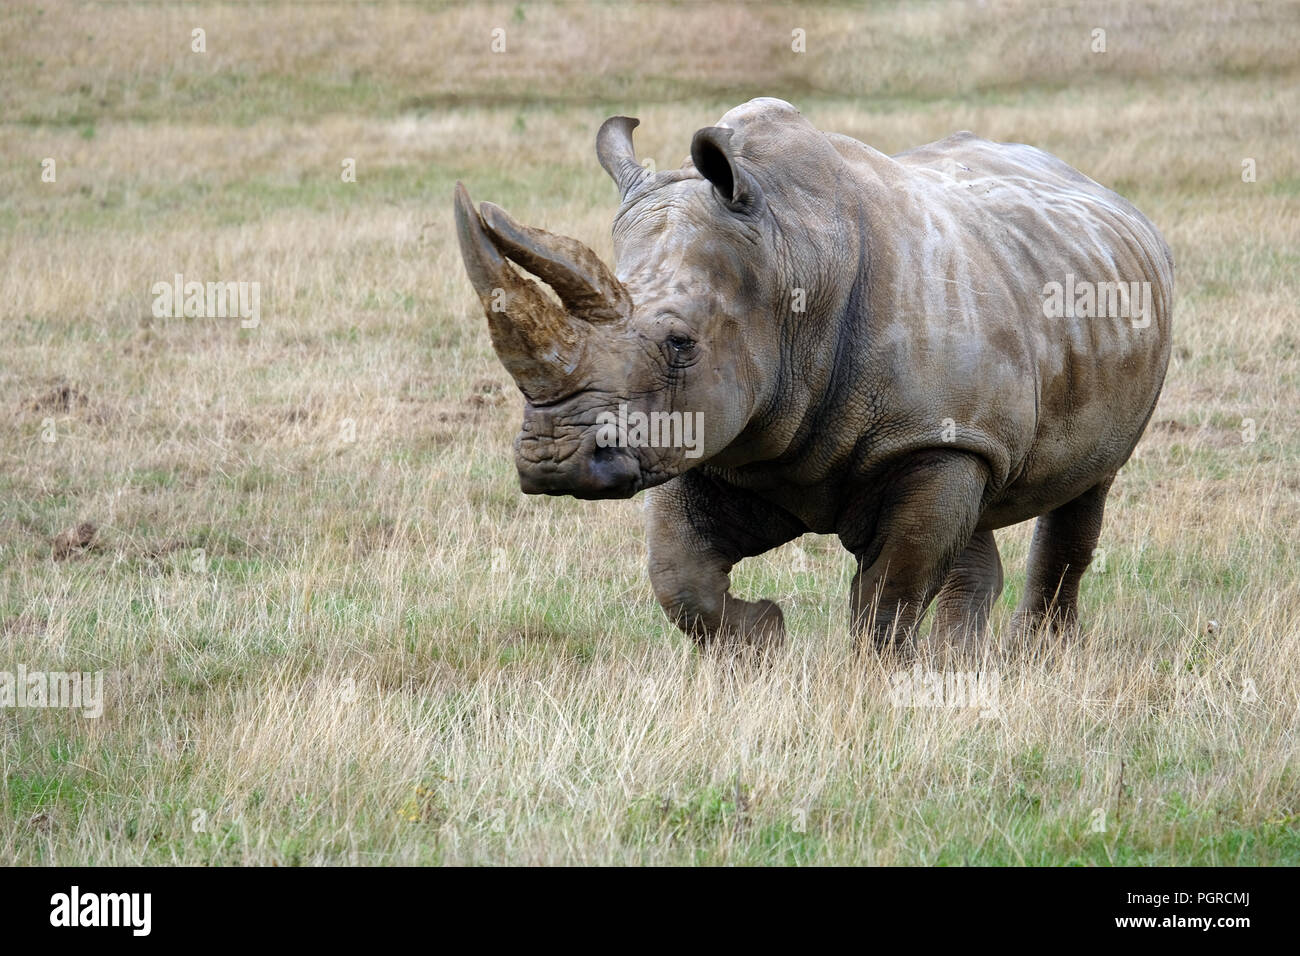 White rhino charging - Stock Image